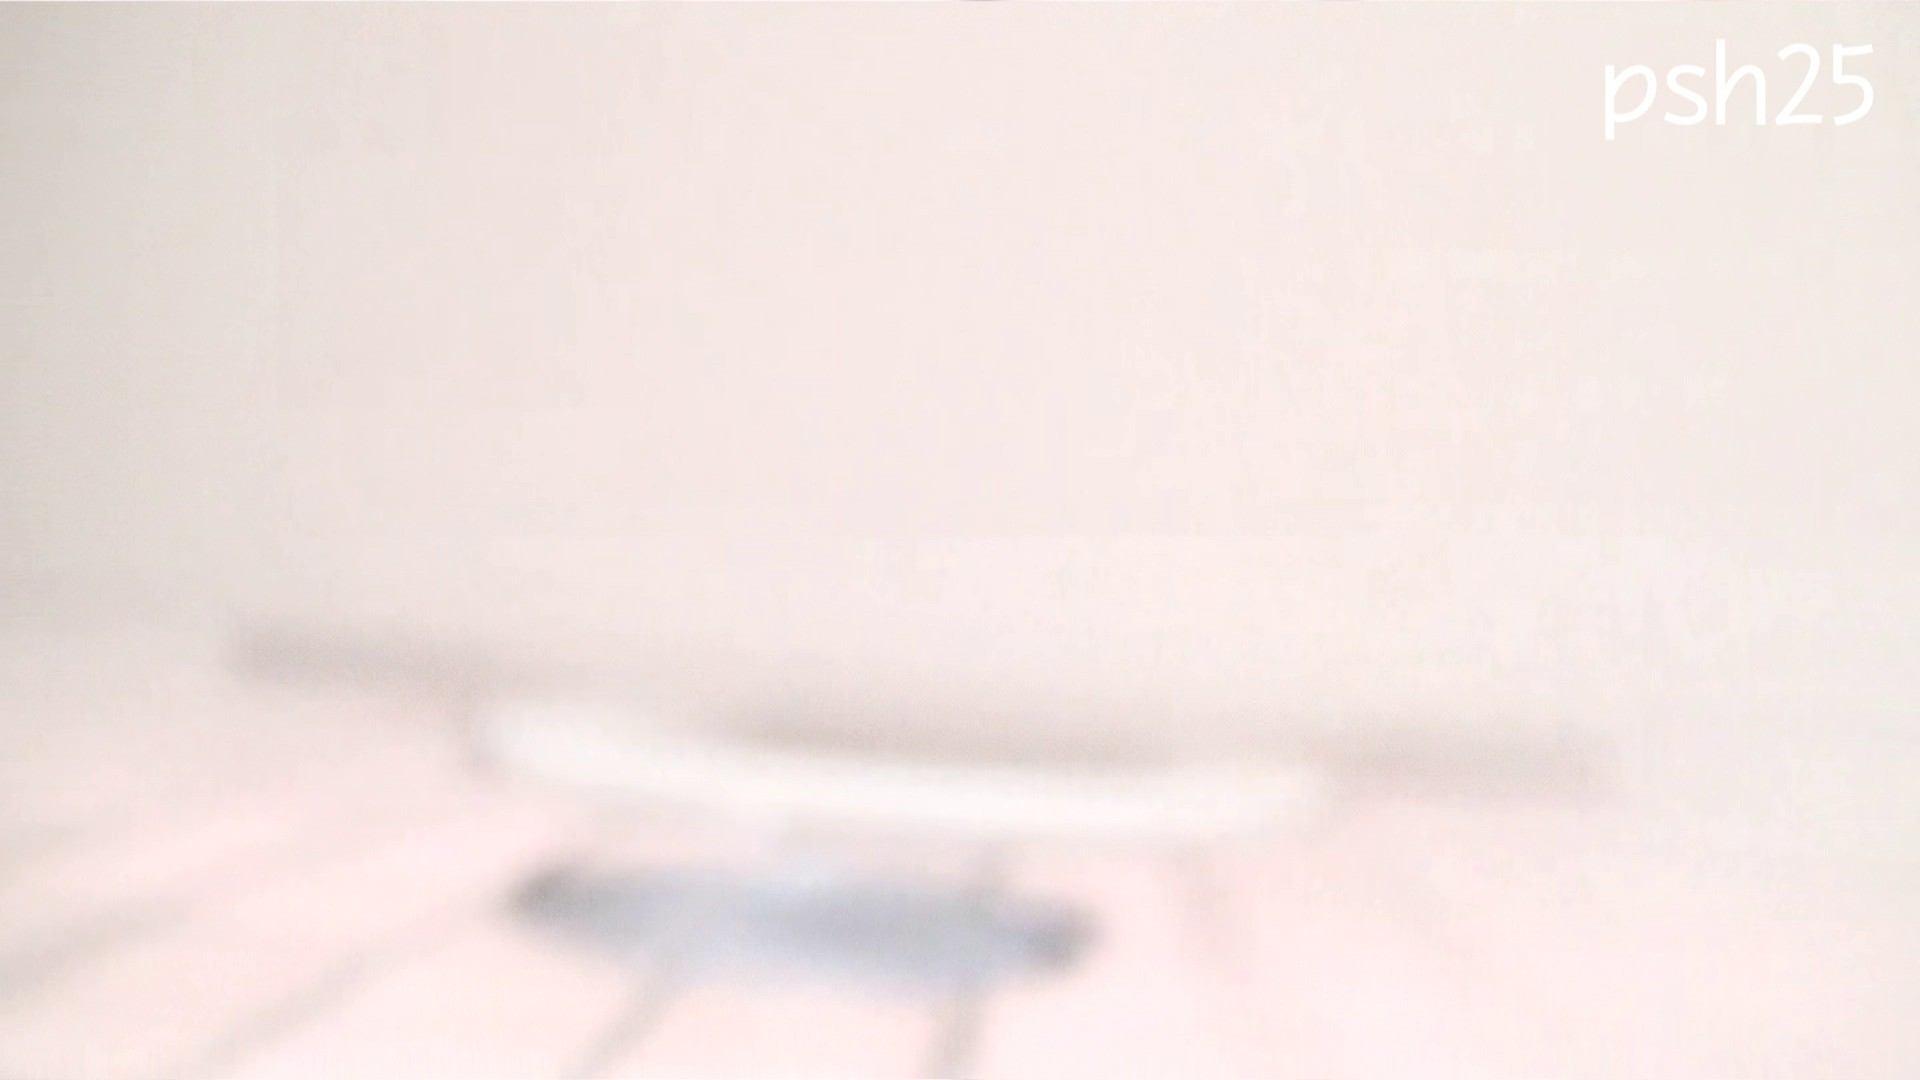 ▲復活限定▲ハイビジョン 盗神伝 Vol.25 盛合せ   アラ30  108画像 42